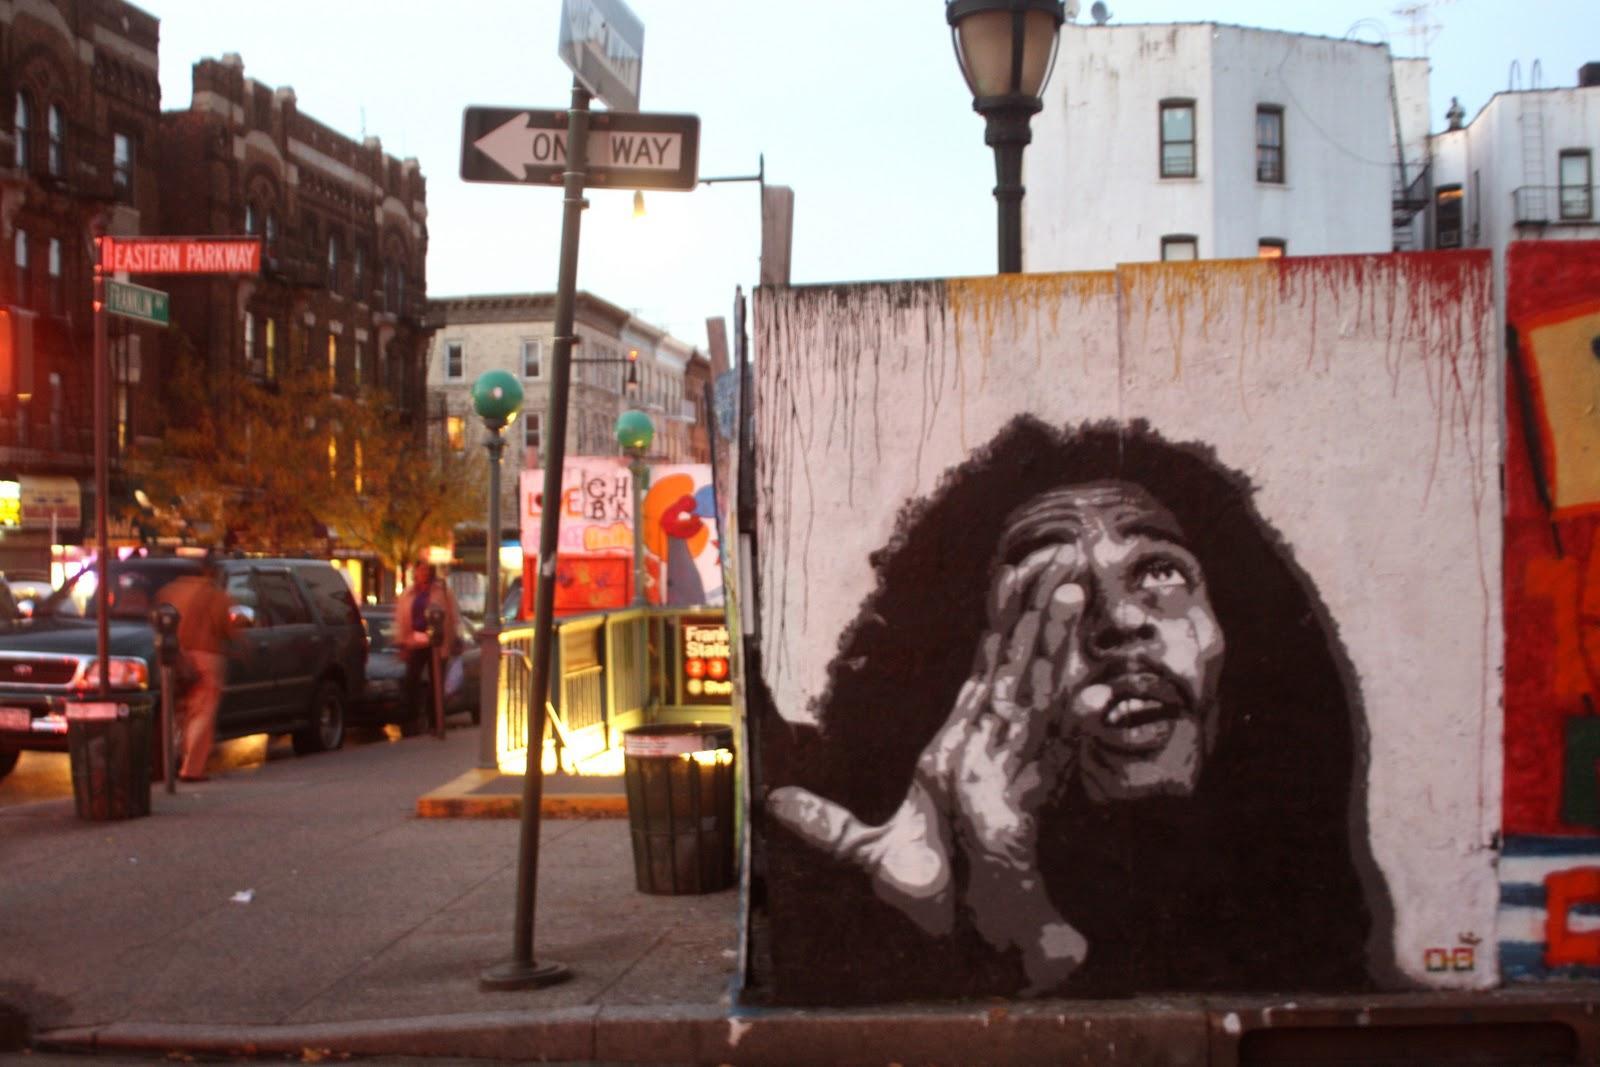 http://1.bp.blogspot.com/_qSk8NLxxMtQ/TL5juU0bgYI/AAAAAAAABhc/BB0qLK3m9E8/s1600/Bob+Marley.jpg